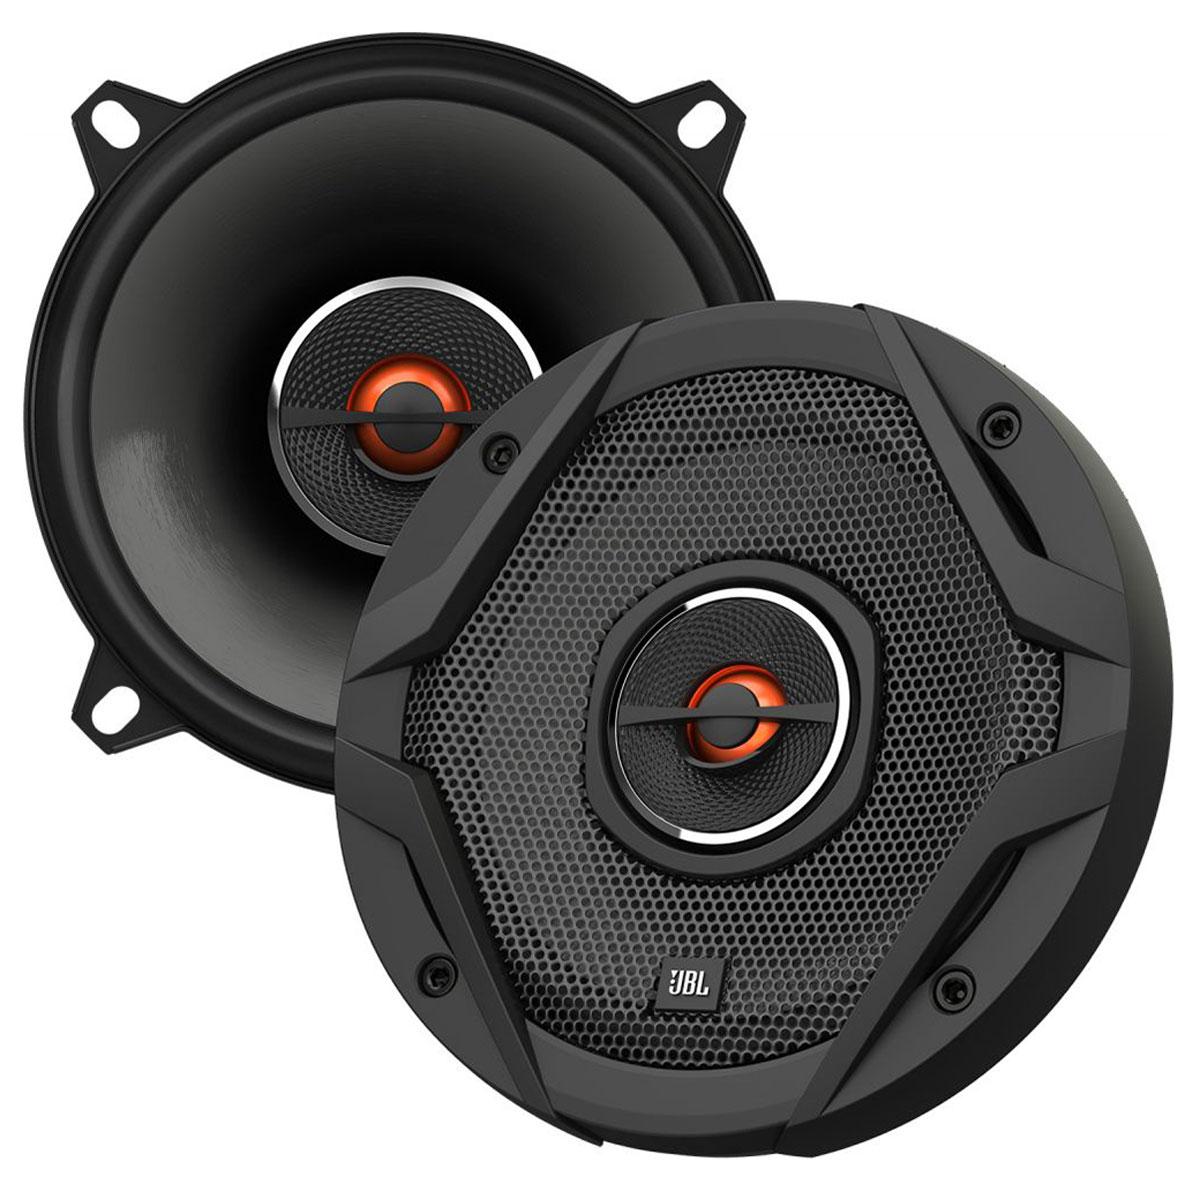 JBL GX502 автоакустика коаксиальнаяGX502Автомобильные динамики JBL GX универсальны и подходят почти под любые разъемы для акустики. Основные особенности серии – новый фирменный дефлектор твитера, индивидуальная настройка и звуковые катушки с сопротивлением 3 Ом, которые обеспечивают оптимальное распределение мощности. Диффузоры JBL GX увеличены при помощи технологии Plus One, также динамики оснащены плавнообтекаемыми твитерами с приводом по краю и, конечно, отличаются неотразимым дизайном. Это не просто великолепный звук, это нечто большее!